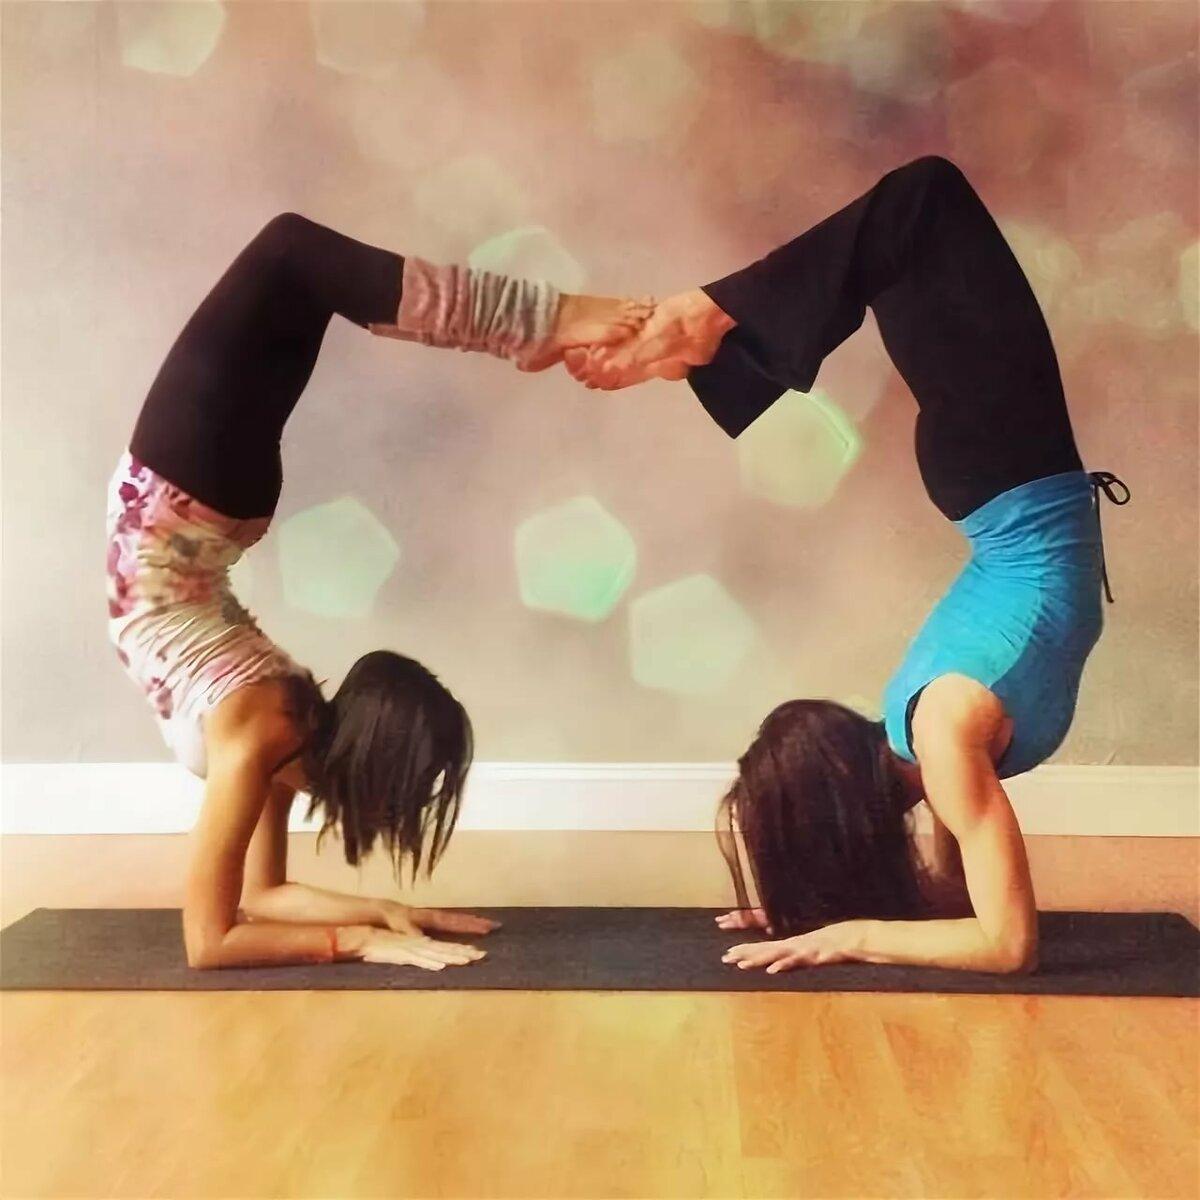 группы картинки для йоги для двоих несложные делаем